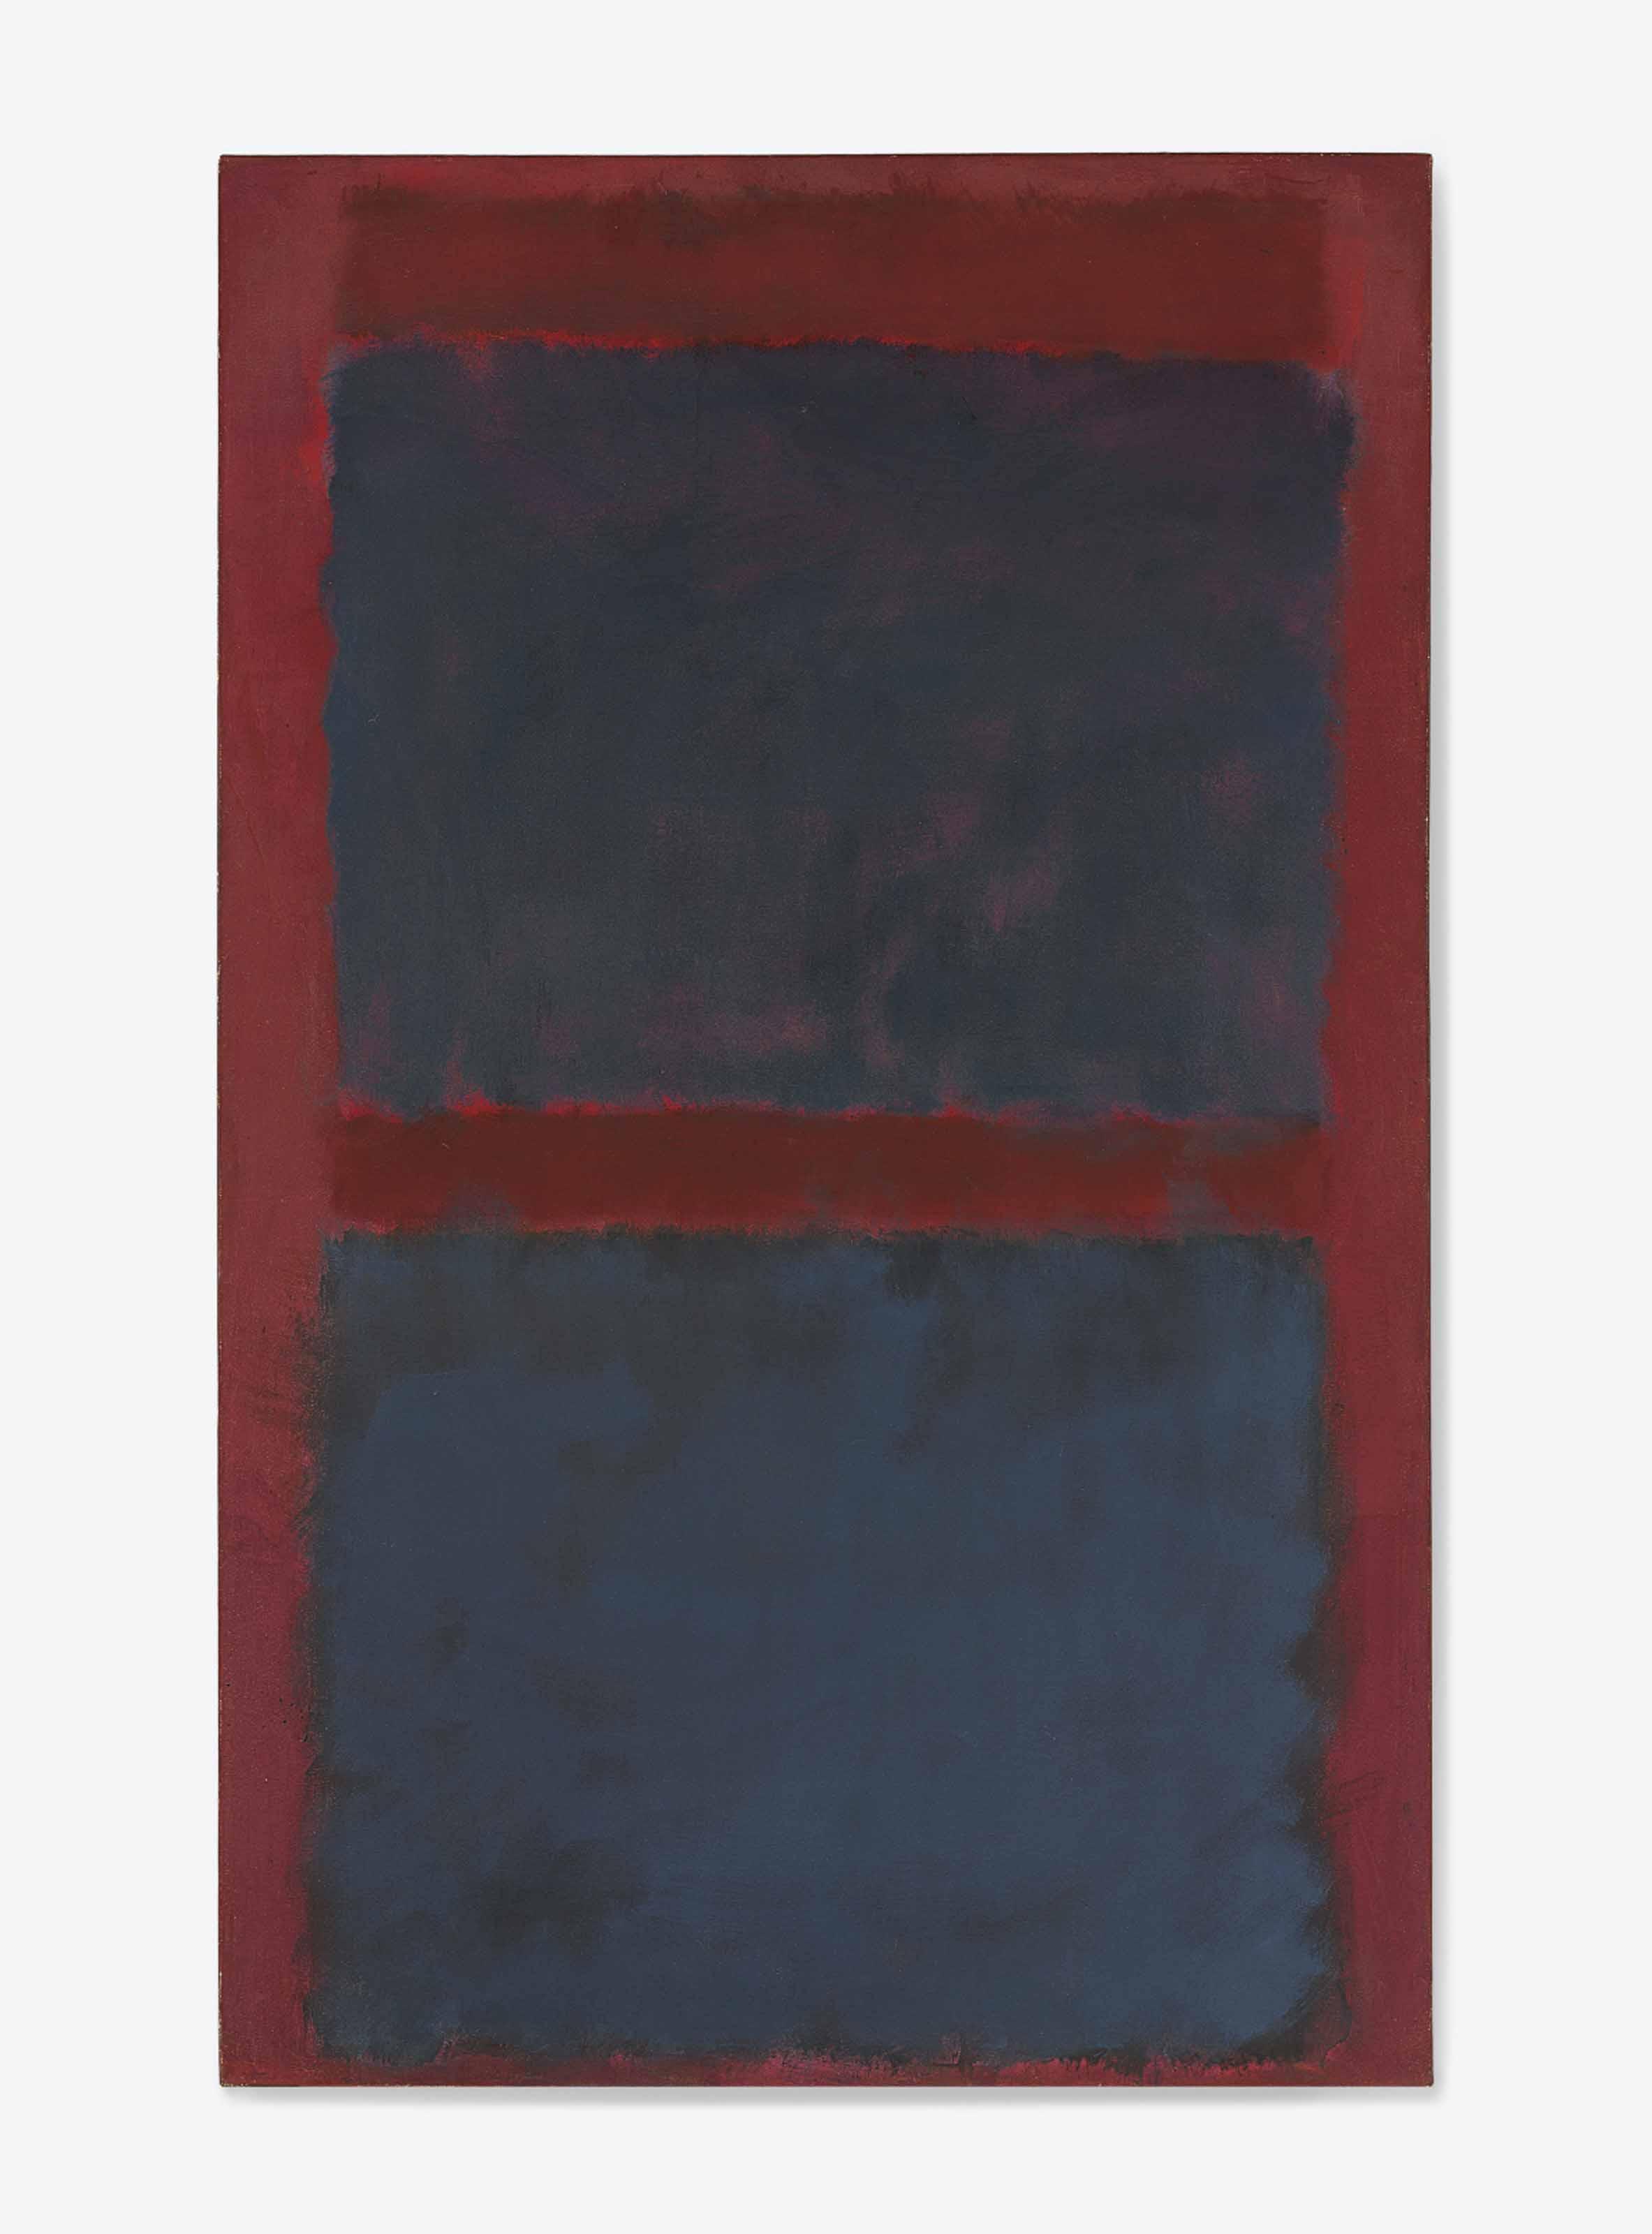 Mark Rothko (1903-1970)